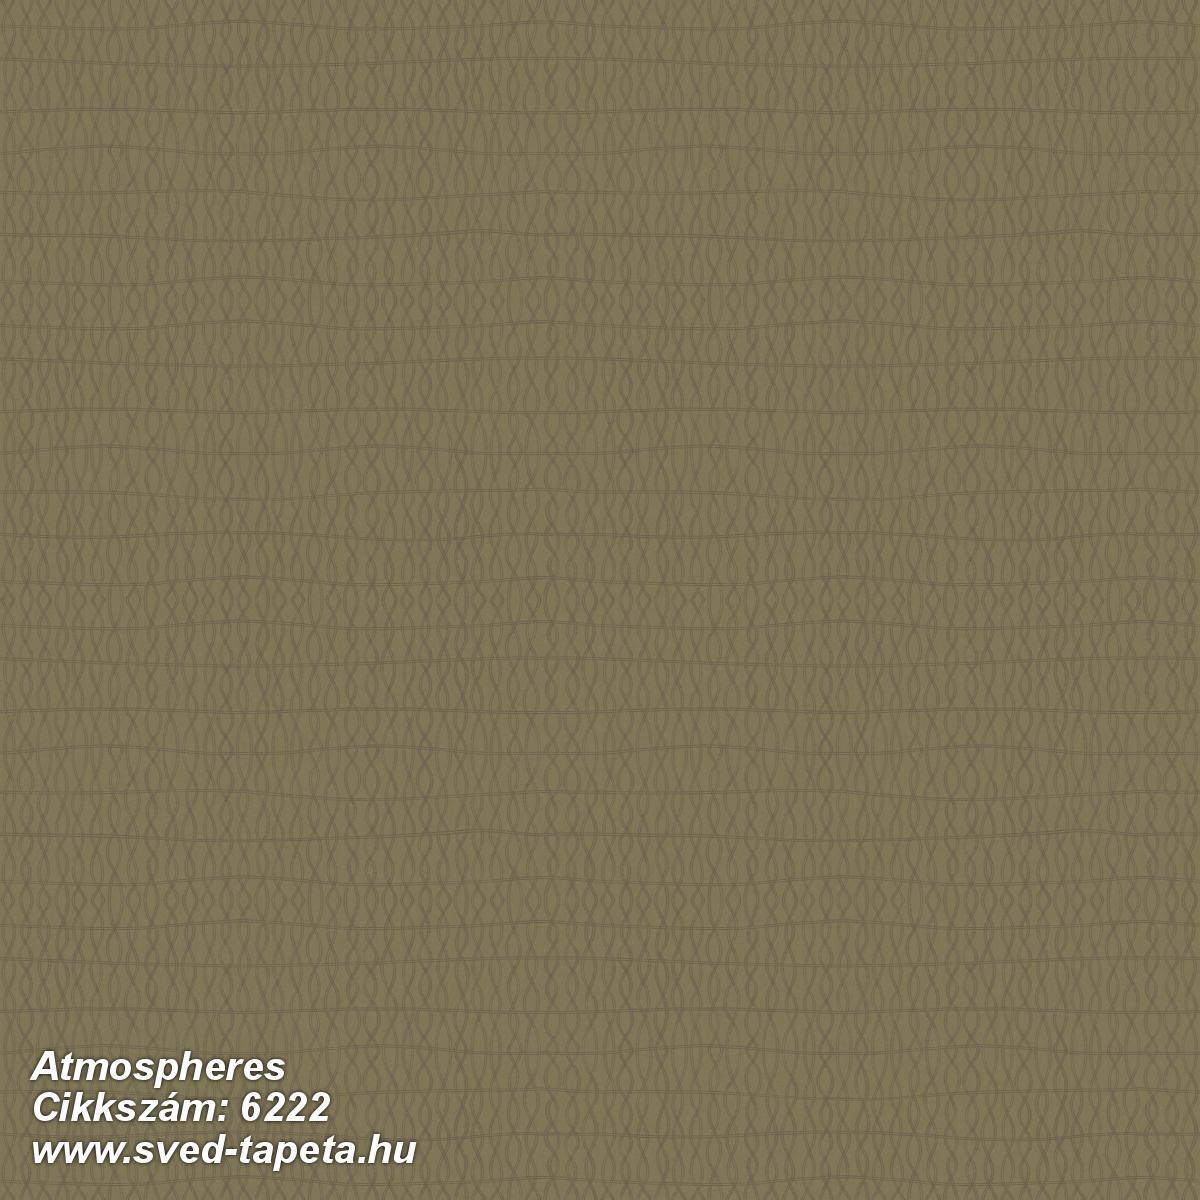 Atmospheres 6222 cikkszámú svéd ECOgyártmányú designtapéta